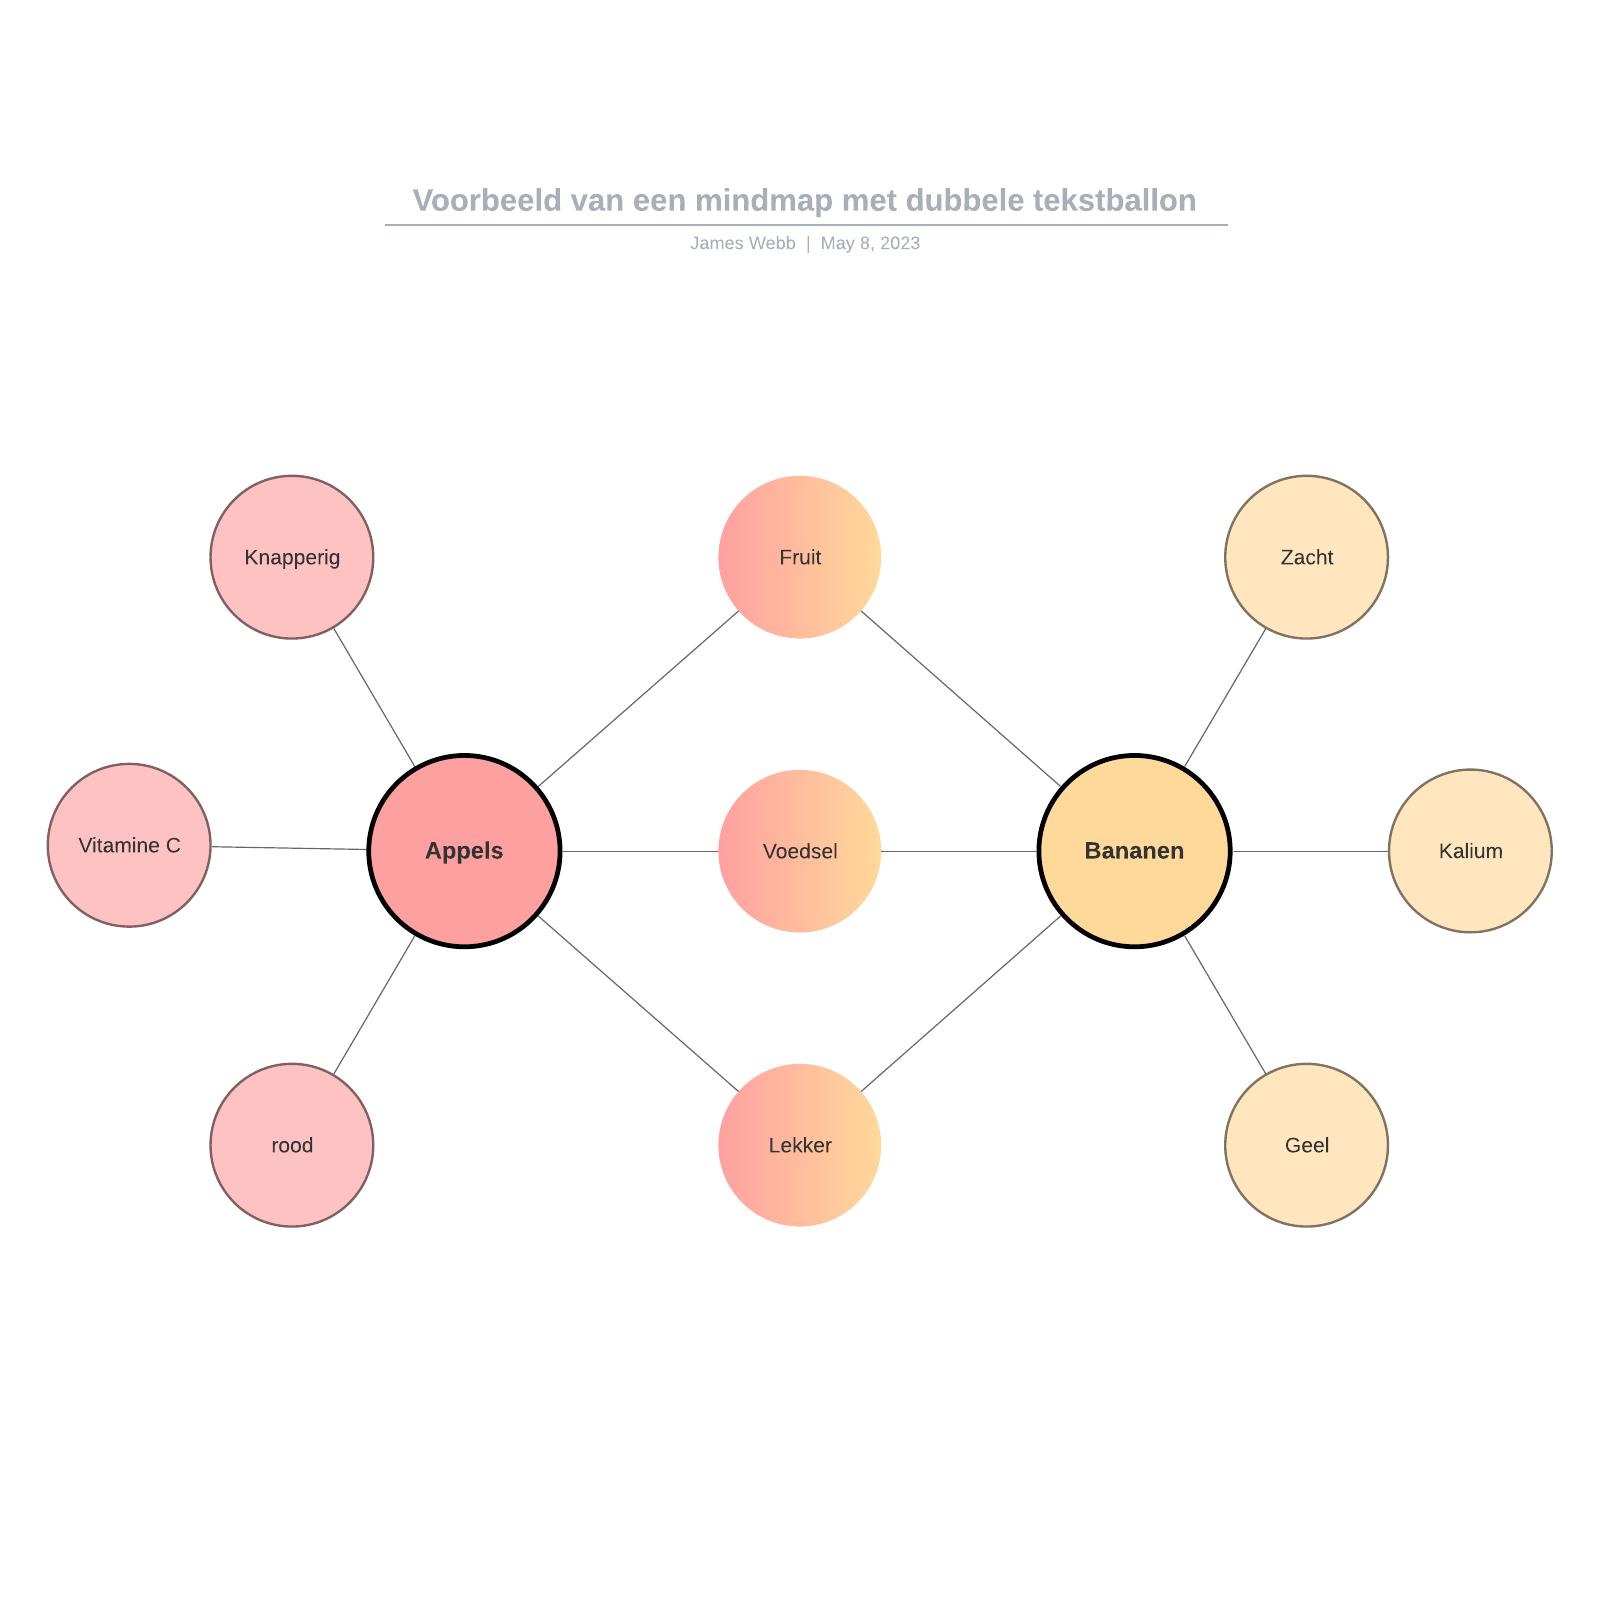 Voorbeeld van een mindmap met dubbele tekstballon